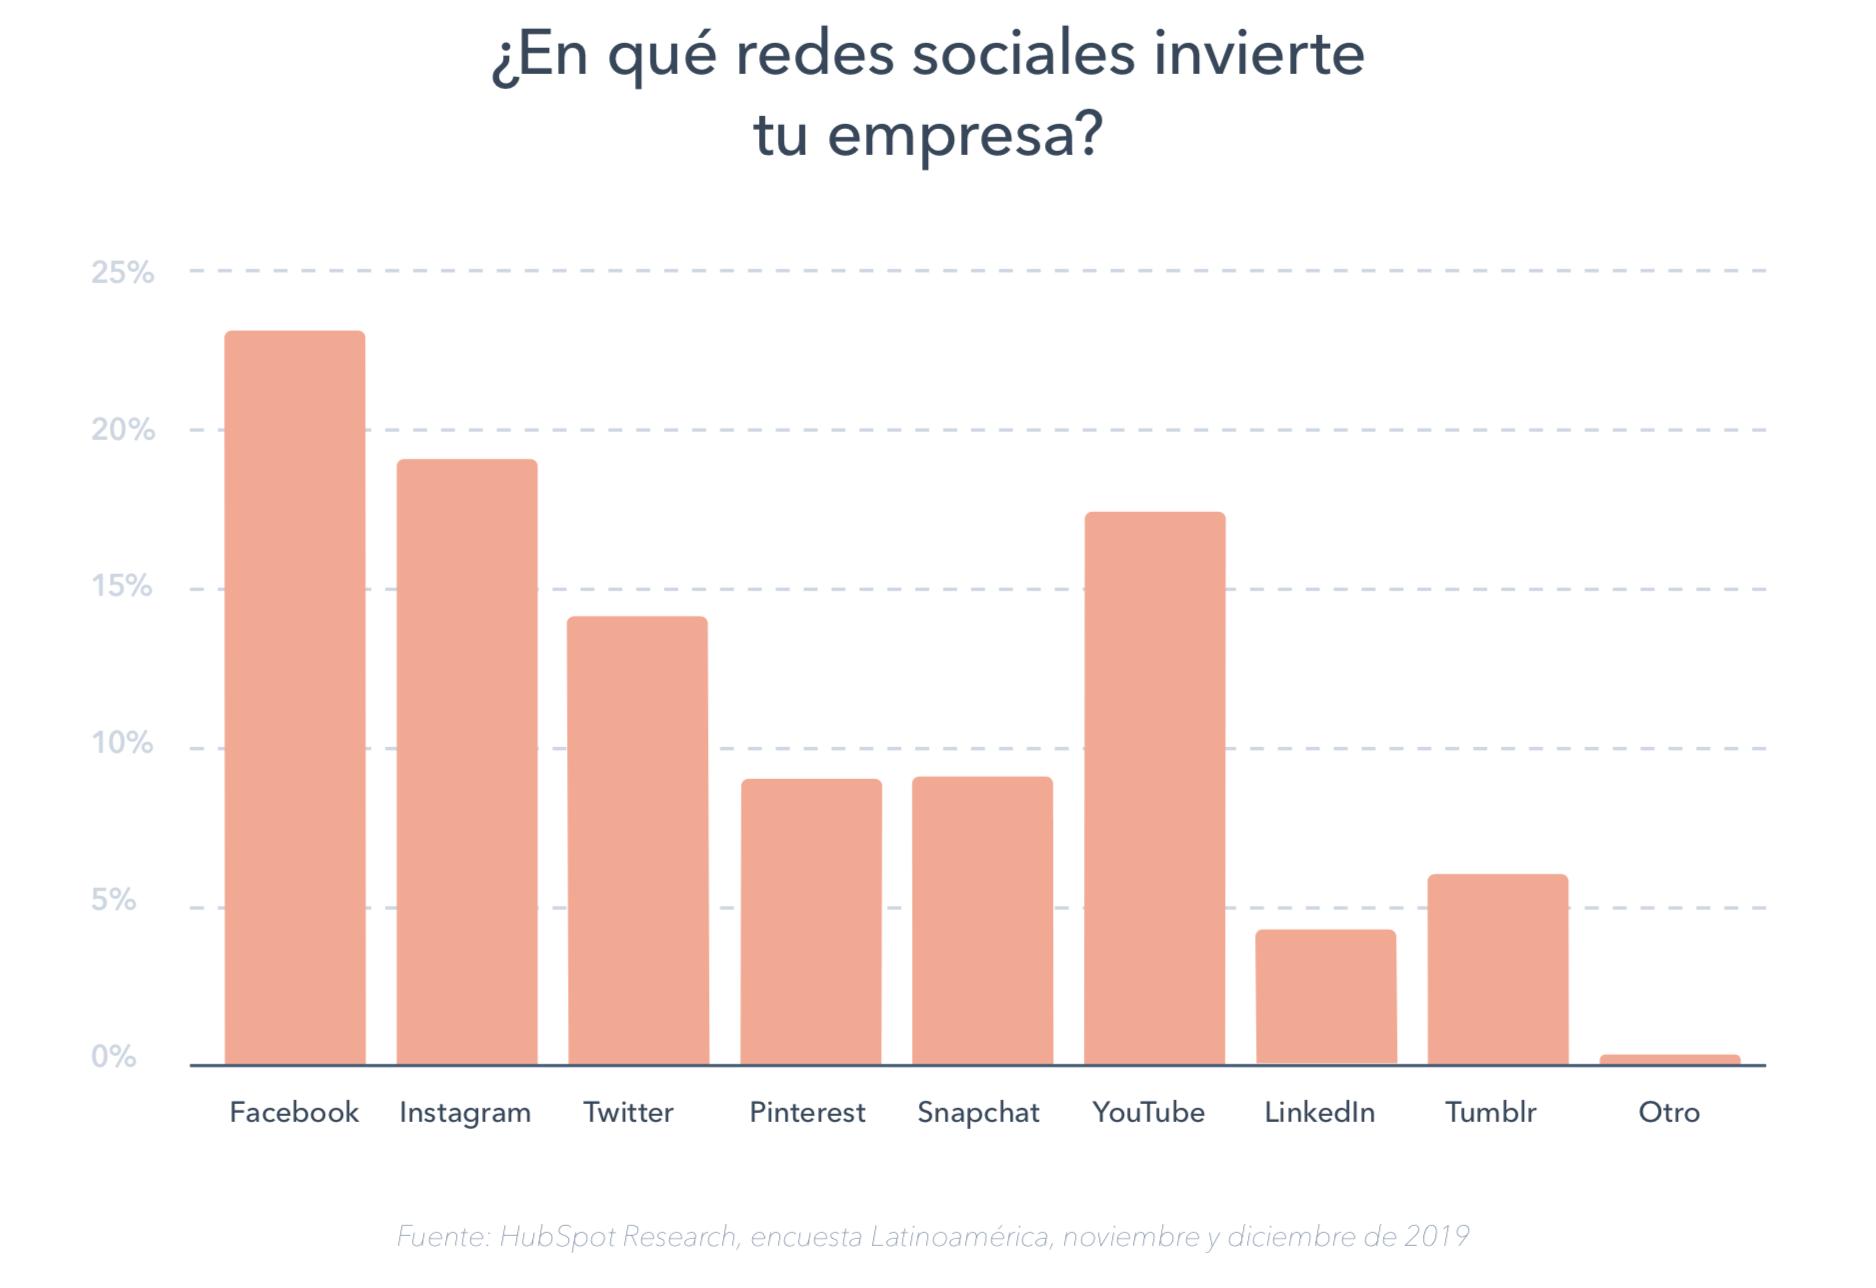 Inversión en redes sociales